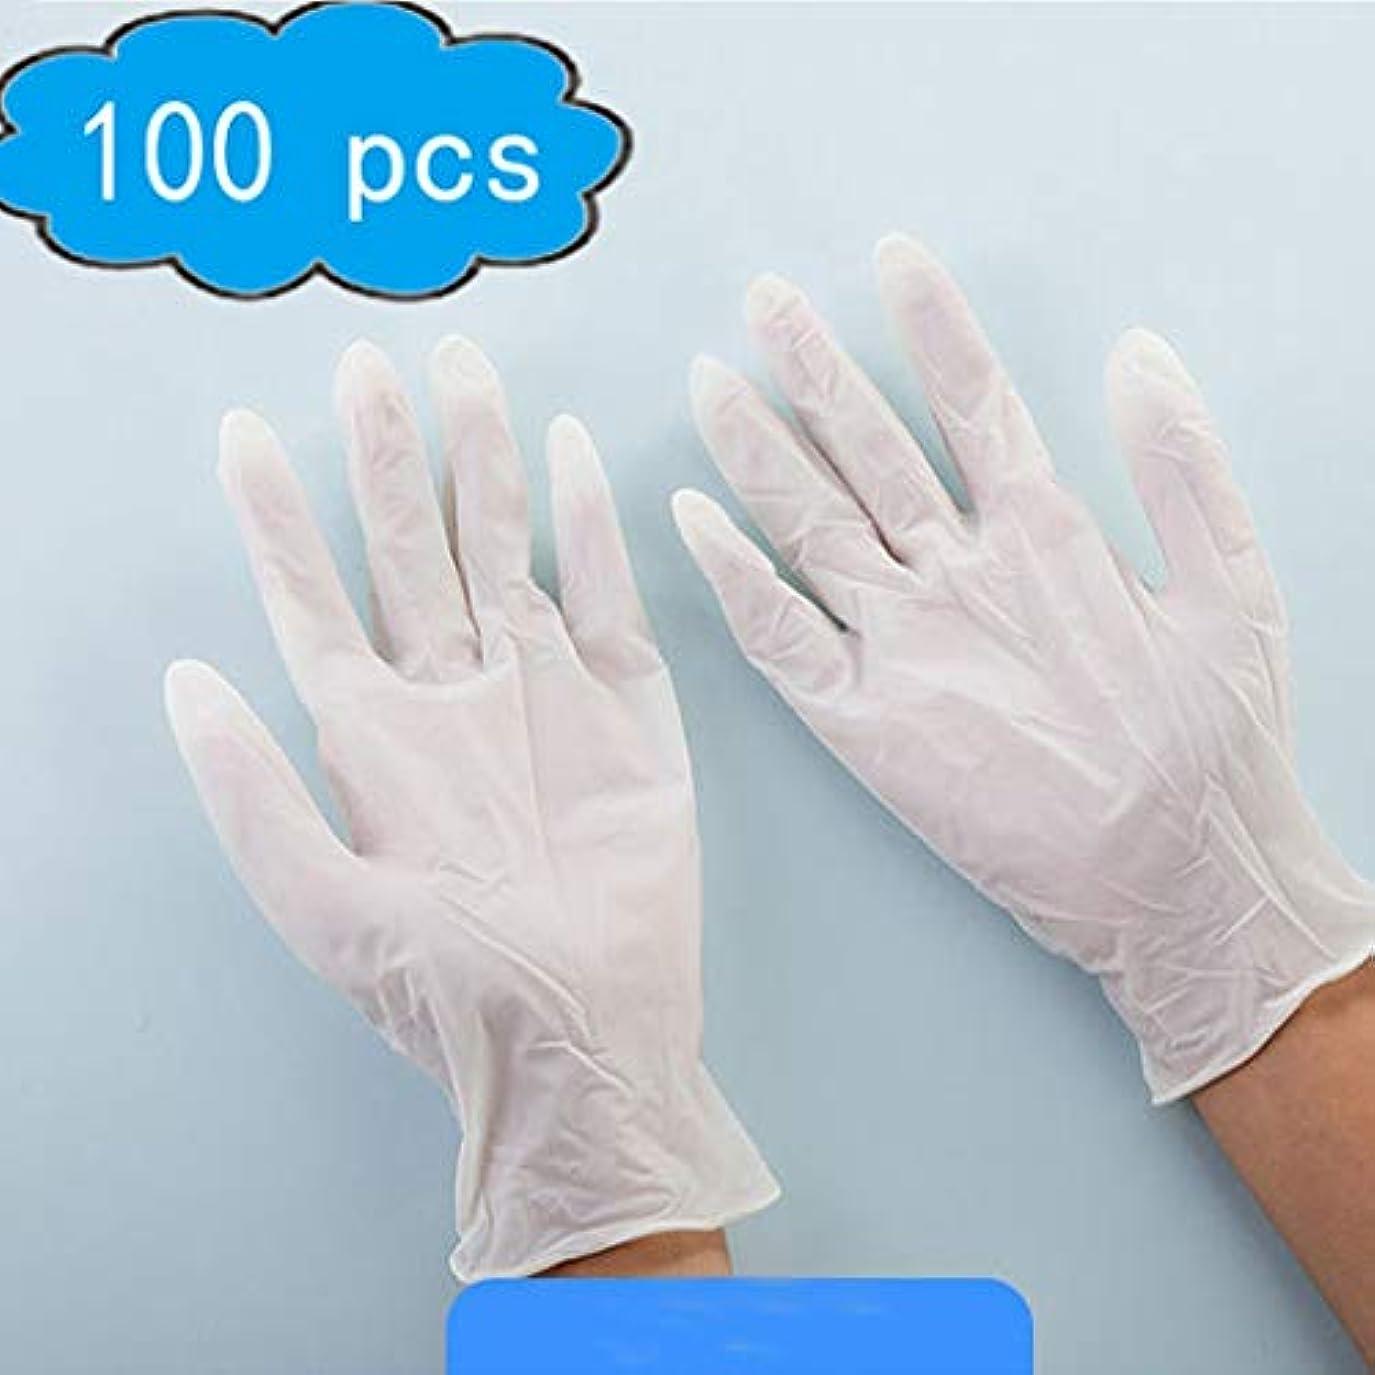 汚染混乱した資格情報使い捨て手袋、厚手版、白い粉のない使い捨てニトリル手袋[100パック] - 大、サニタリー手袋、応急処置用品 (Color : White, Size : S)